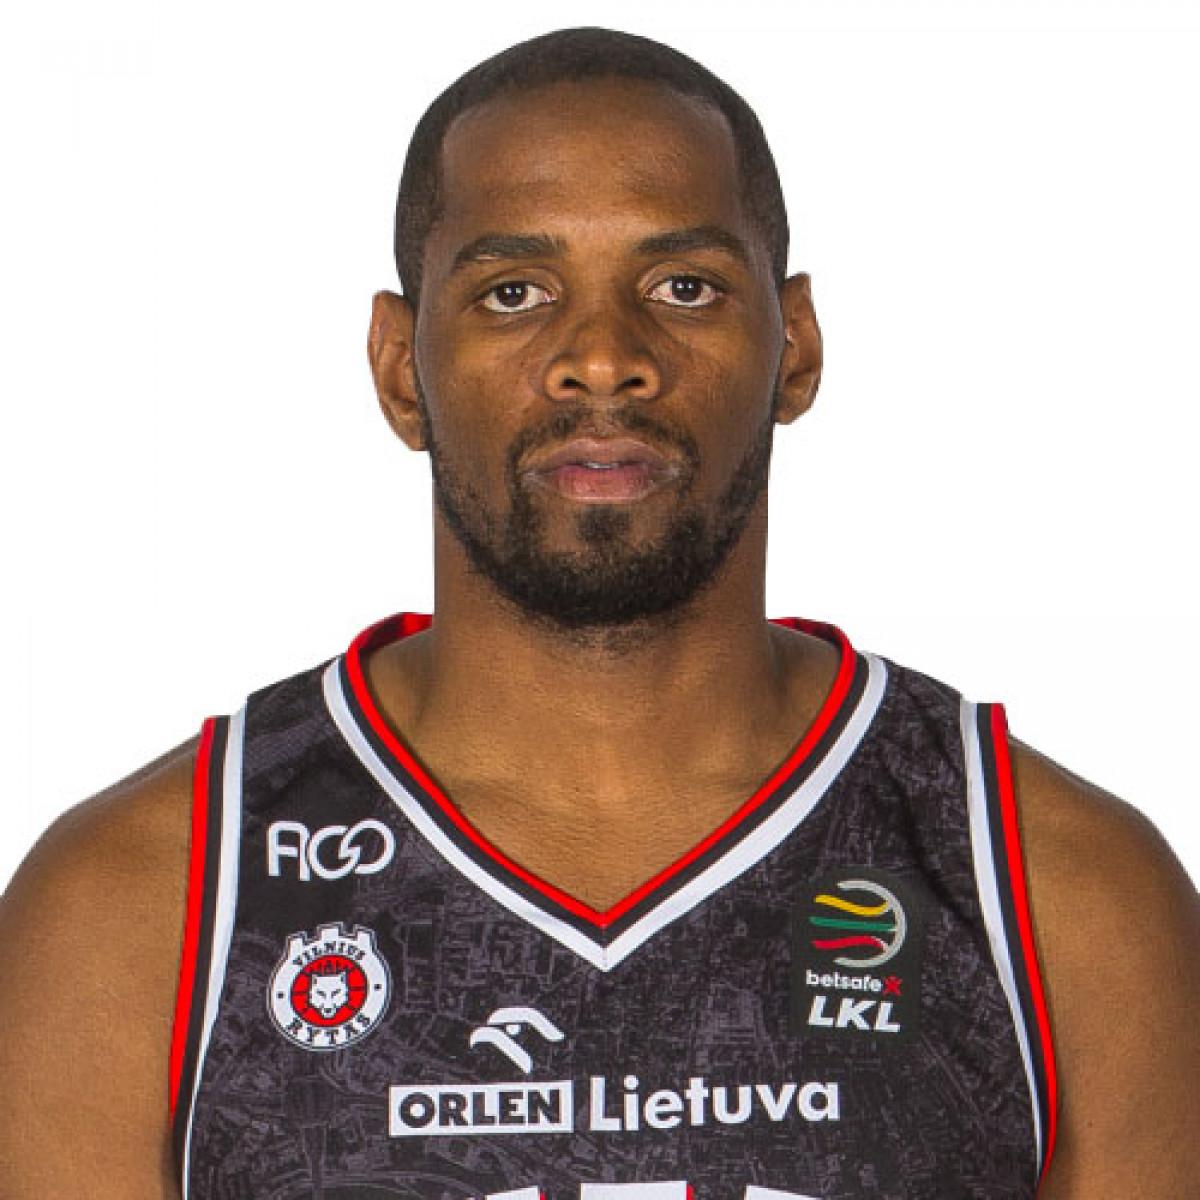 Photo of Terrell Holloway, 2019-2020 season